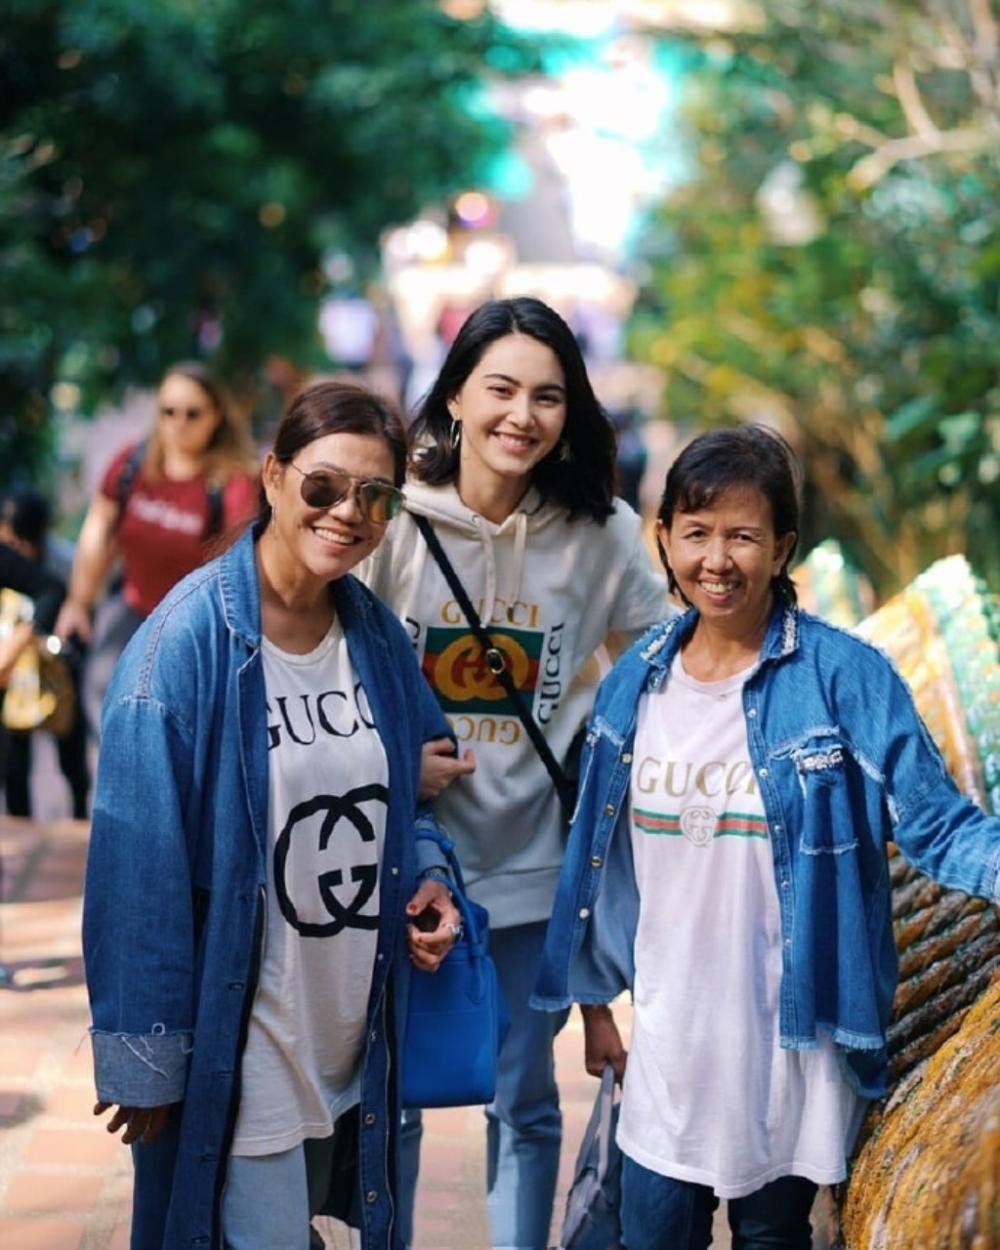 泰国小花Mai晒游客照, 卫衣配牛仔裤清爽又大气, 美颜暴击啊!